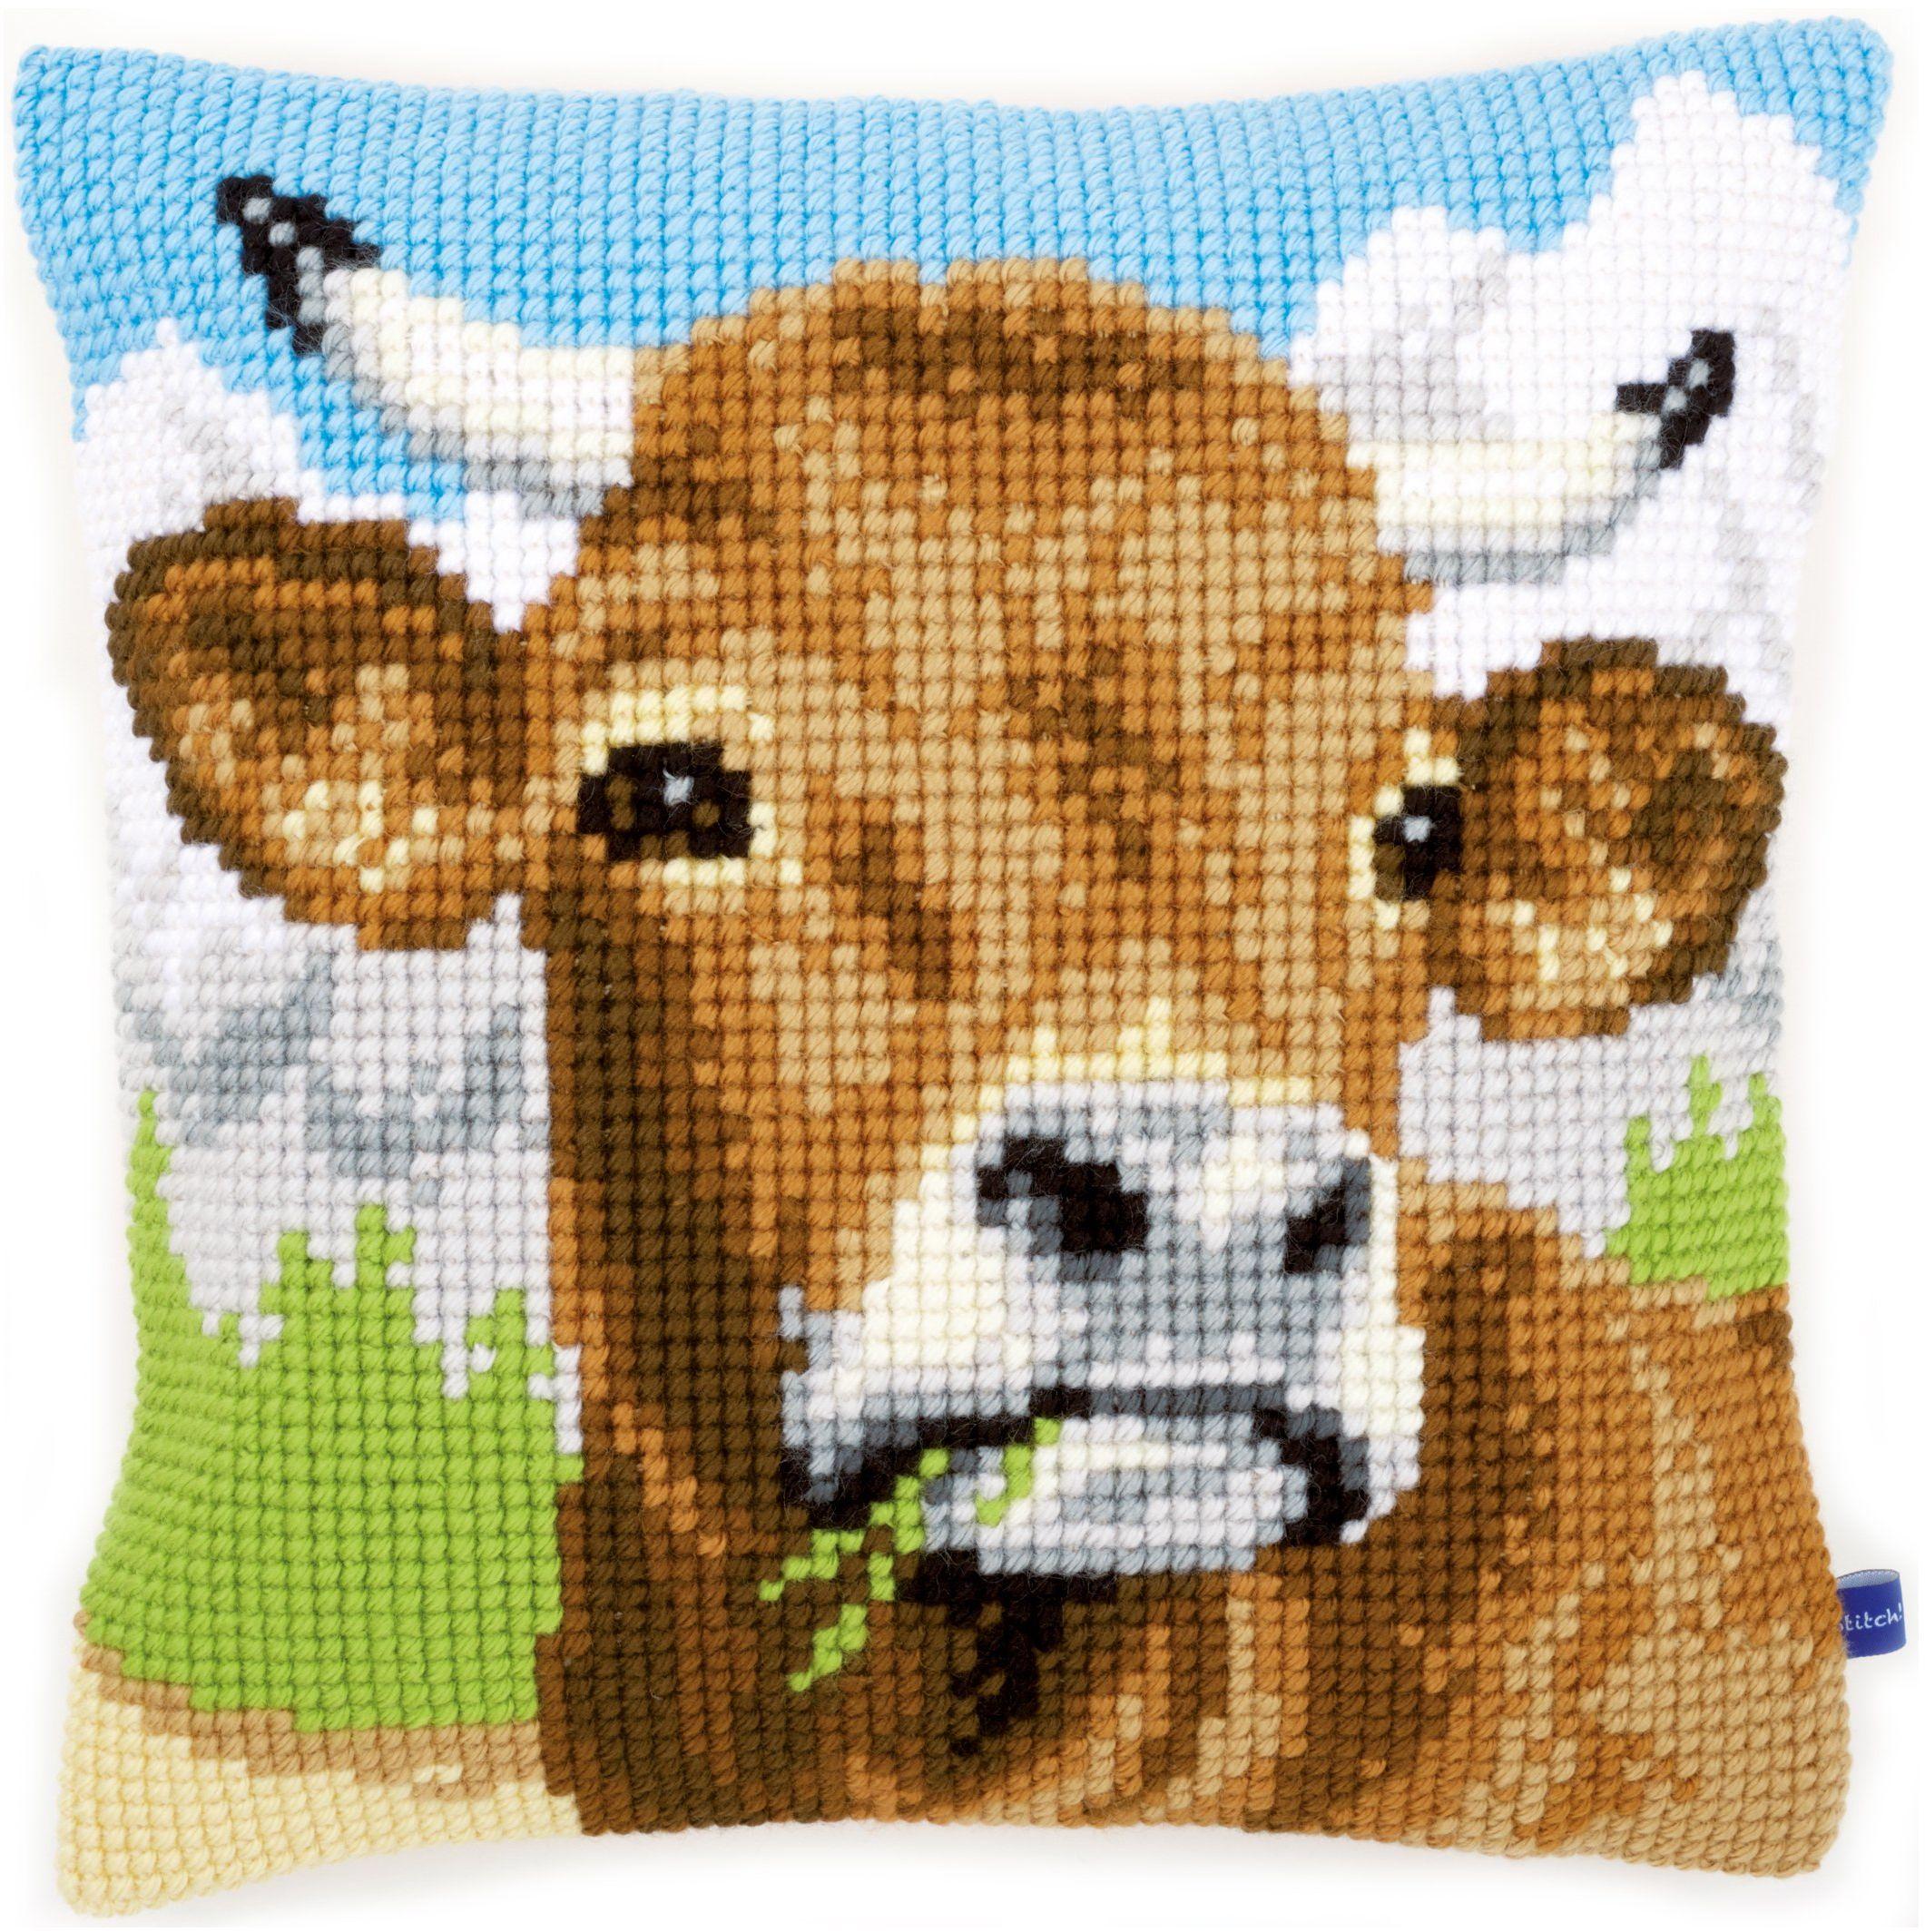 Vervaco Poduszka do haftu krzyżykowego: krowa